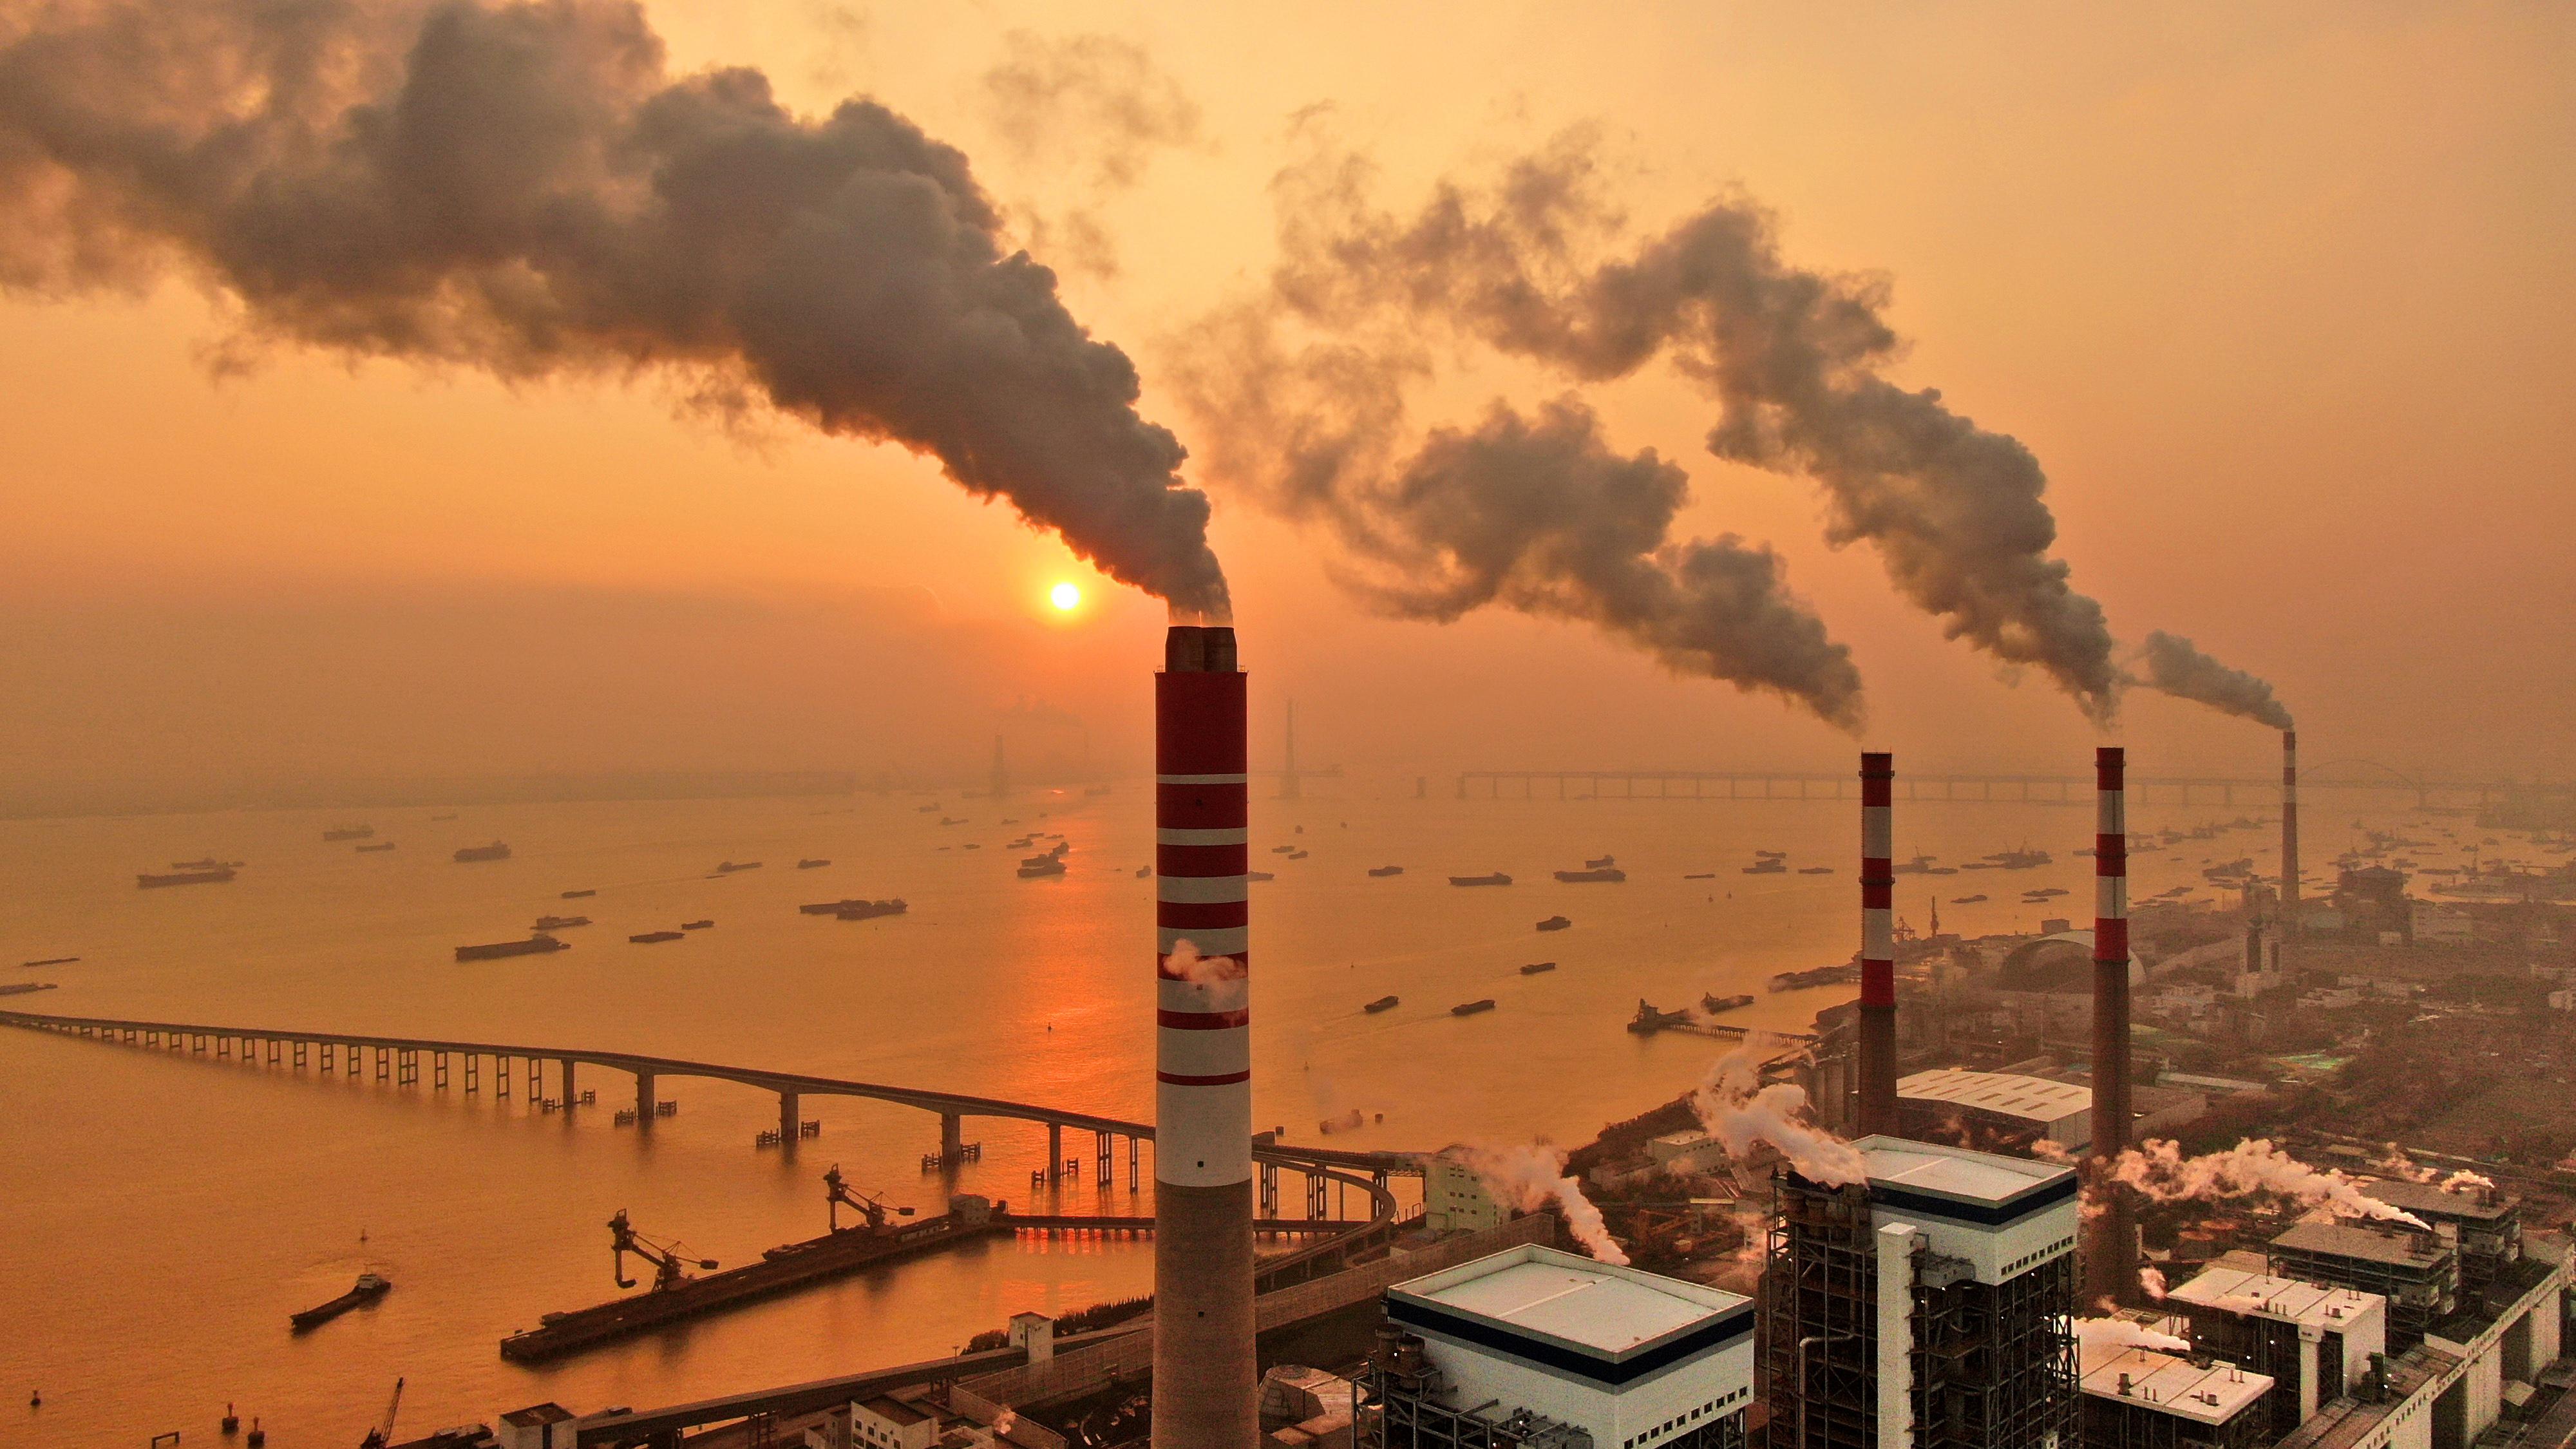 Hatodával csökkent a bolygó szén-dioxid-kibocsátása a karanténintézkedések csúcsán